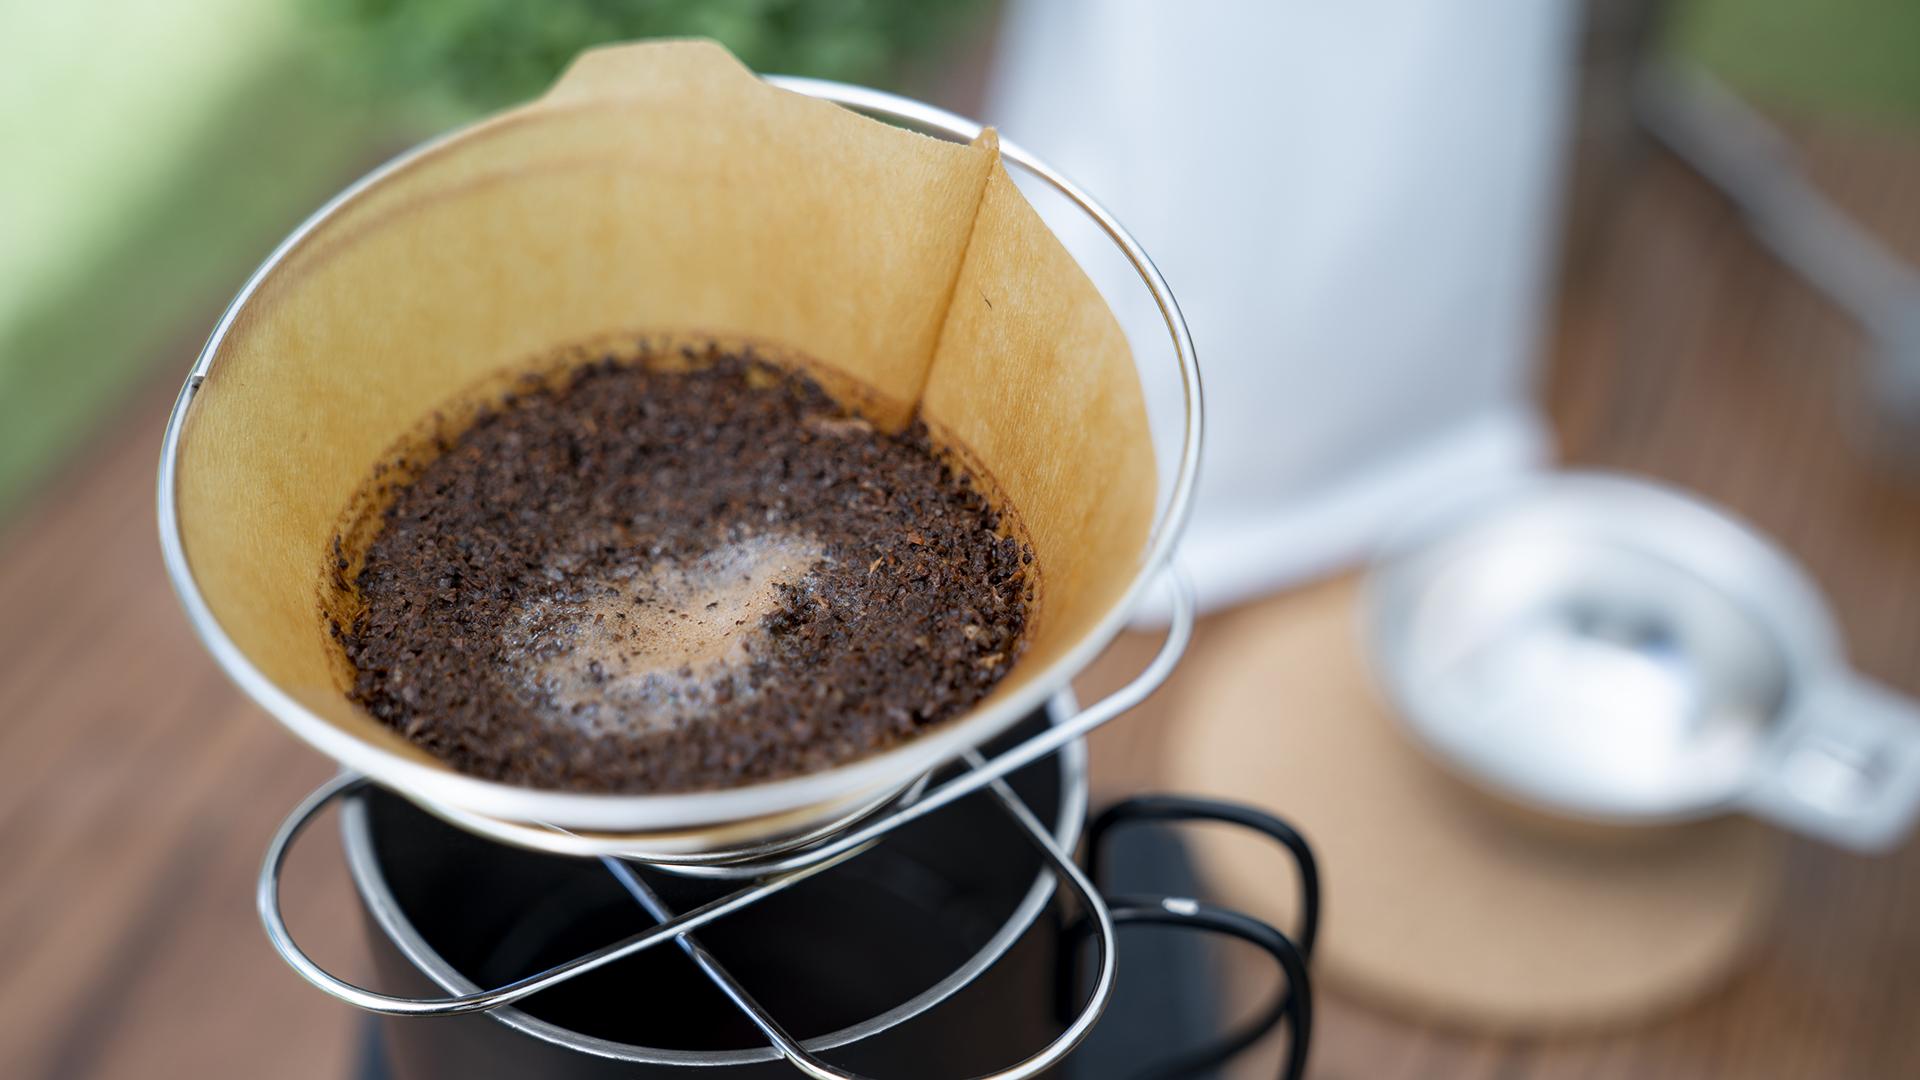 A kávézacc mentheti meg a Földet az elsivatagosodástól